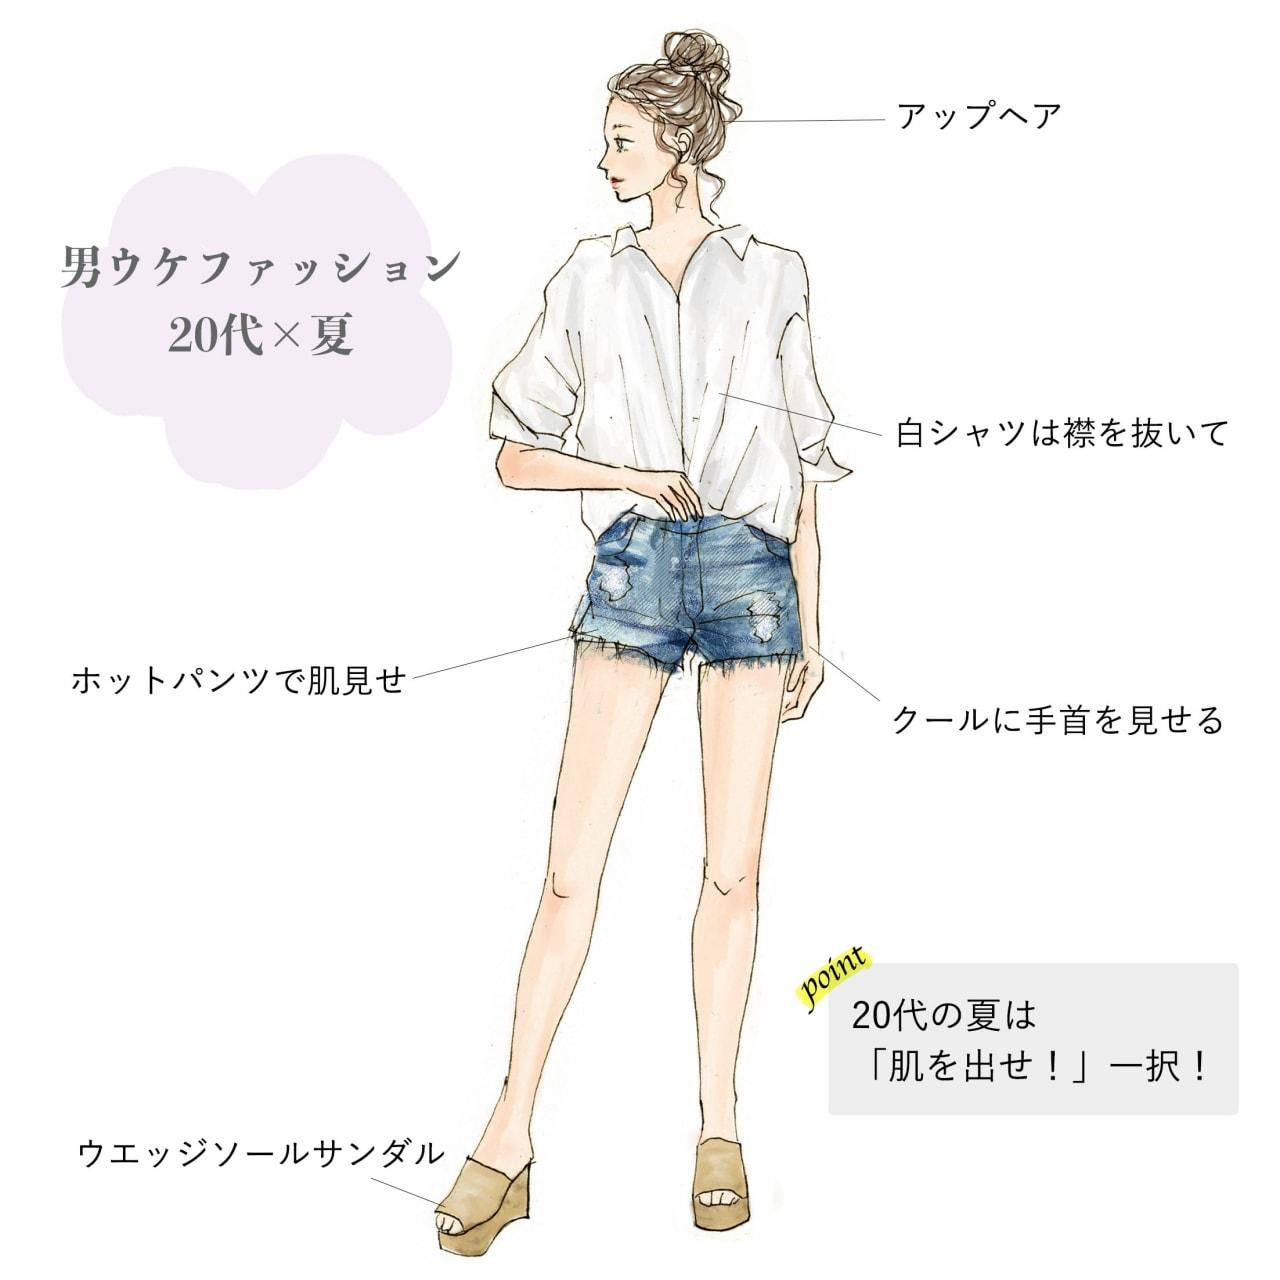 男ウケファッション 20代×夏